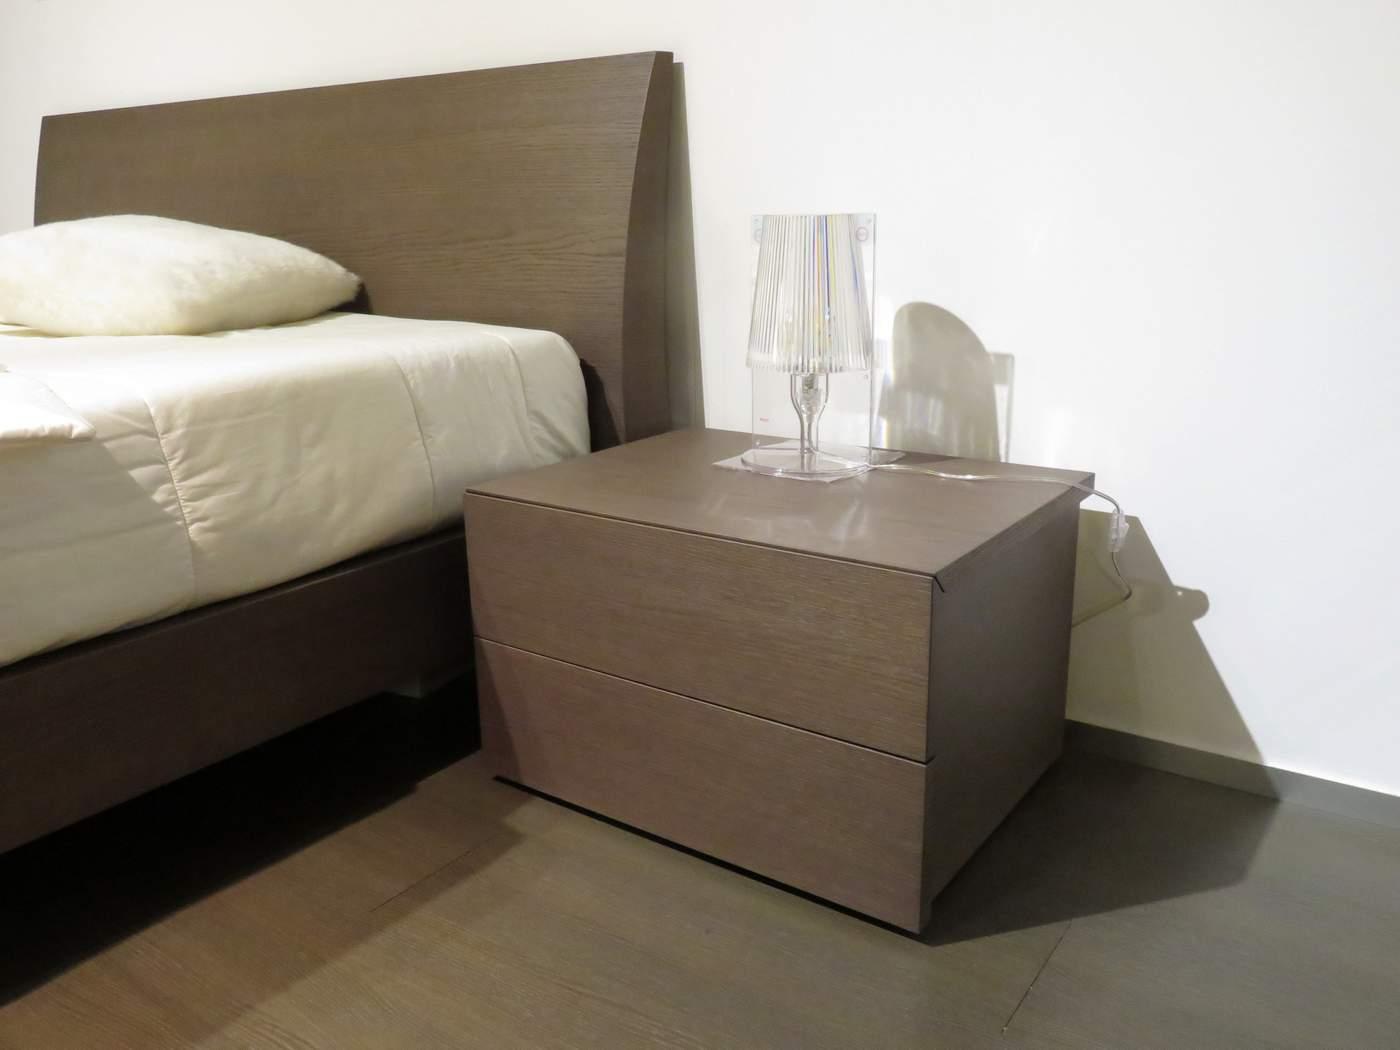 letto, comò e comodini modello Regio in legno rovere tinto cenere in vendita da CArminati e Sonzogni a Zogno Bergamo